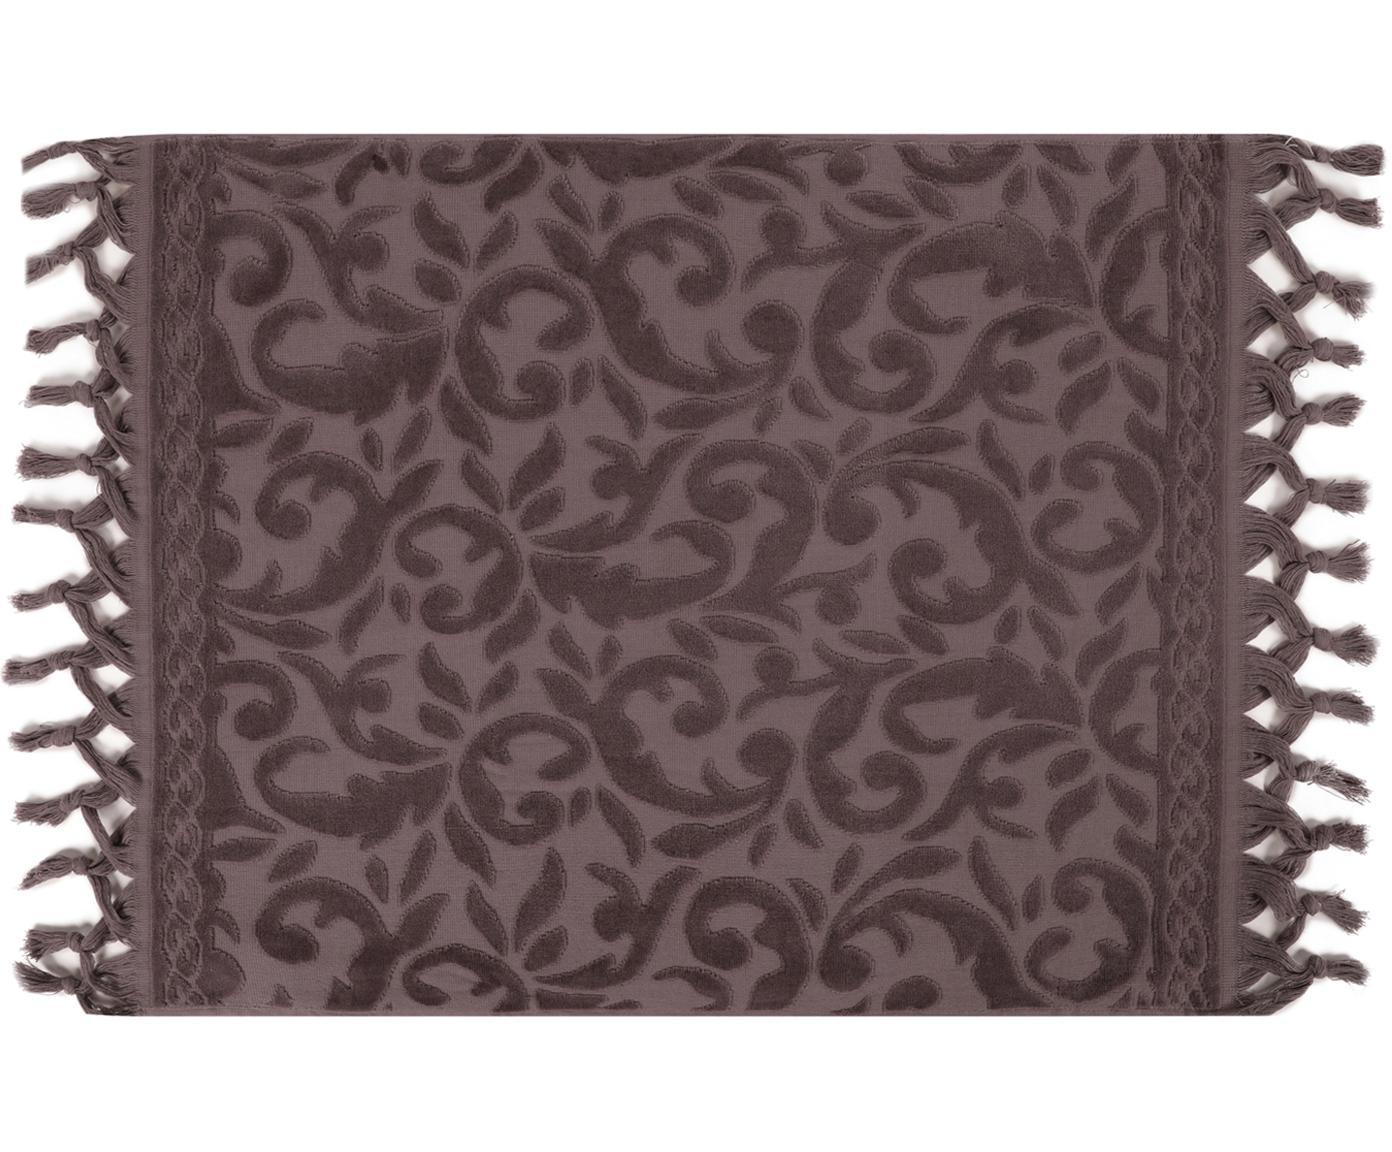 Badmat Caroline met fluwelen paisley patroon, Katoen, Granietgrijs, 50 x 70 cm